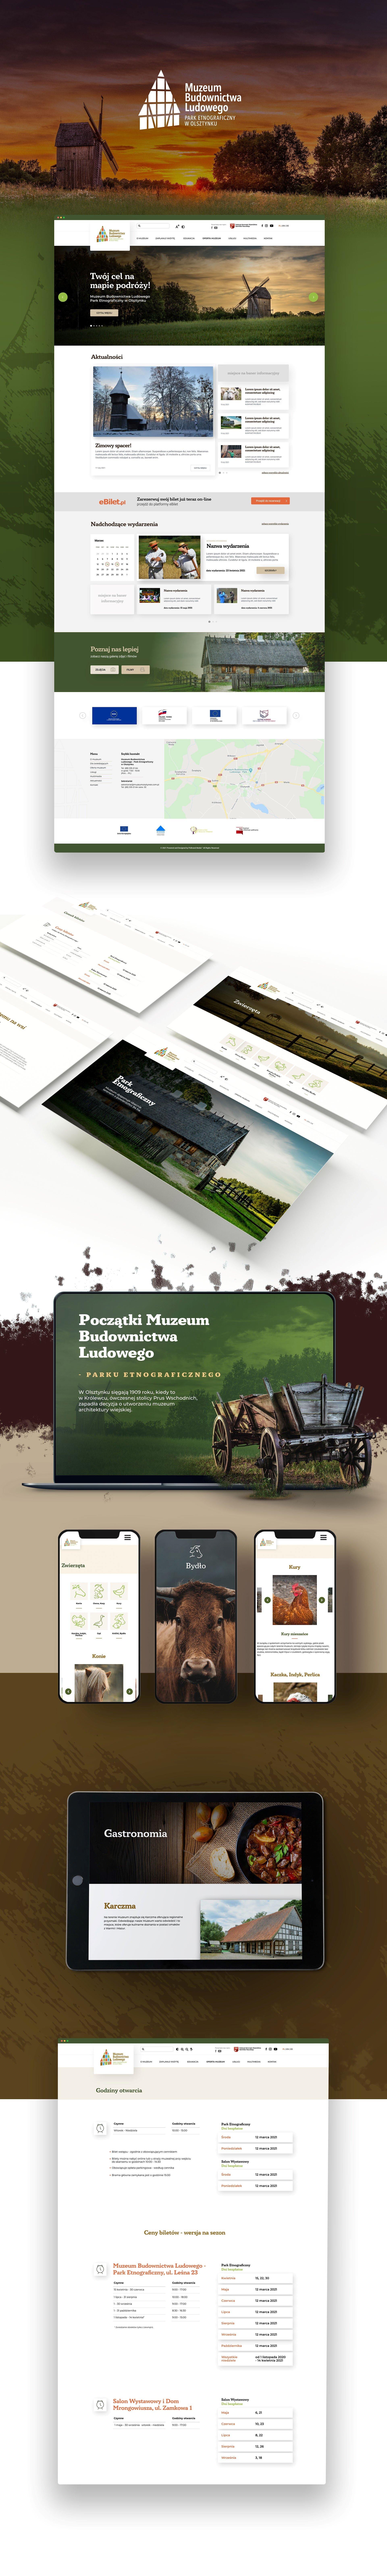 Responsywna strona dla Muzeum pokazana na komputerze, telefonie, tablecie